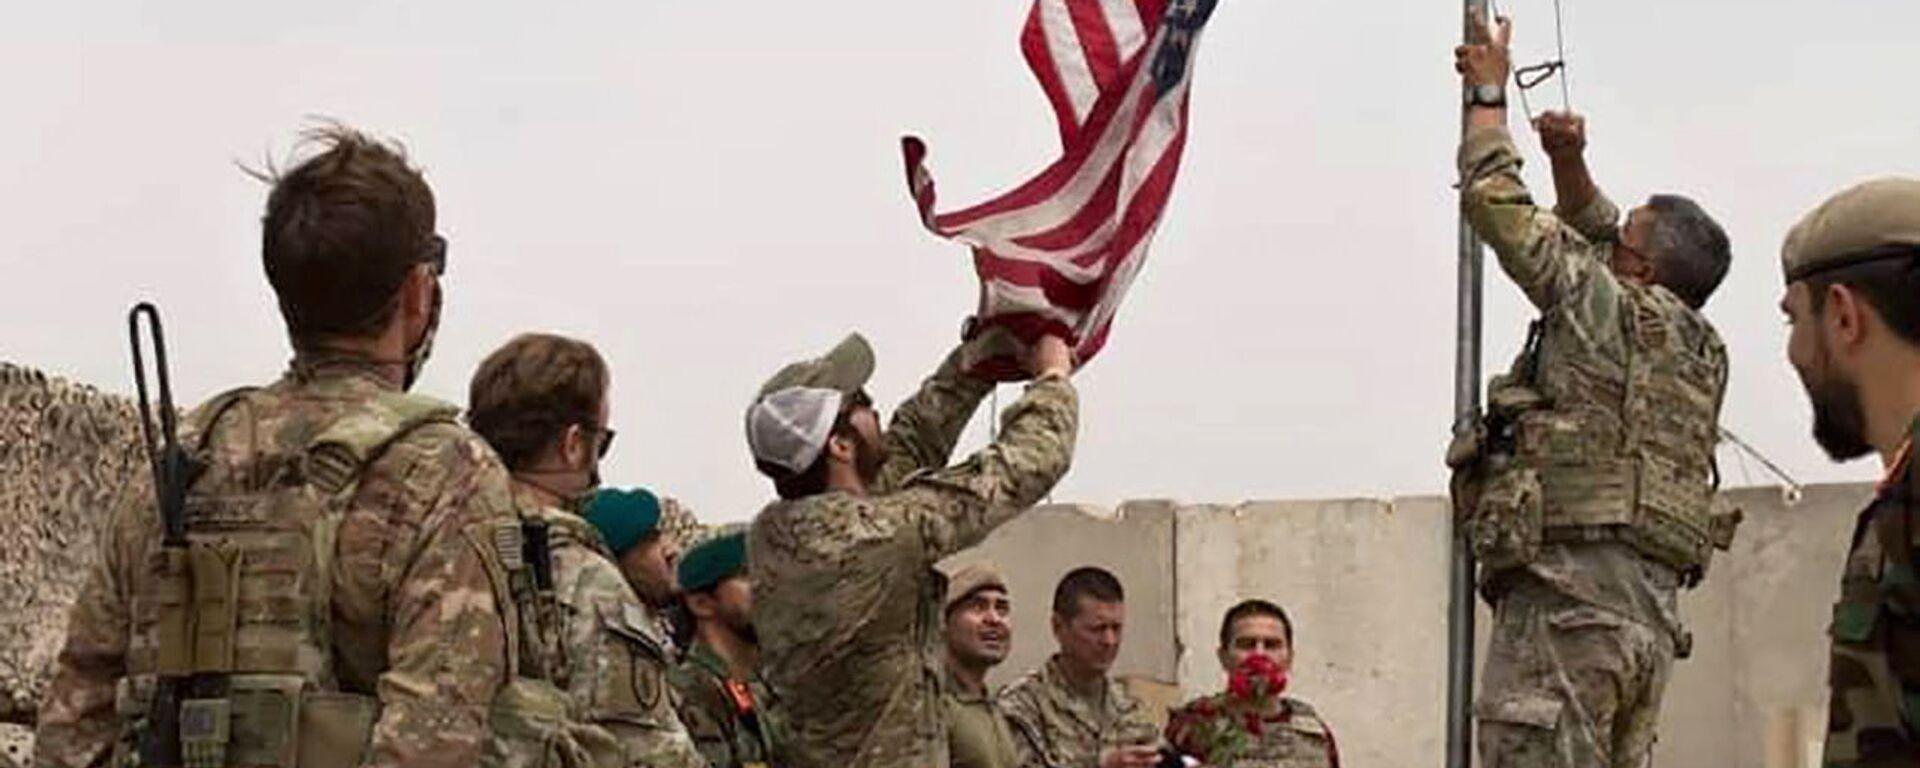 Američtí vojáci stahují vlajku v Afghánistánu - Sputnik Česká republika, 1920, 29.08.2021